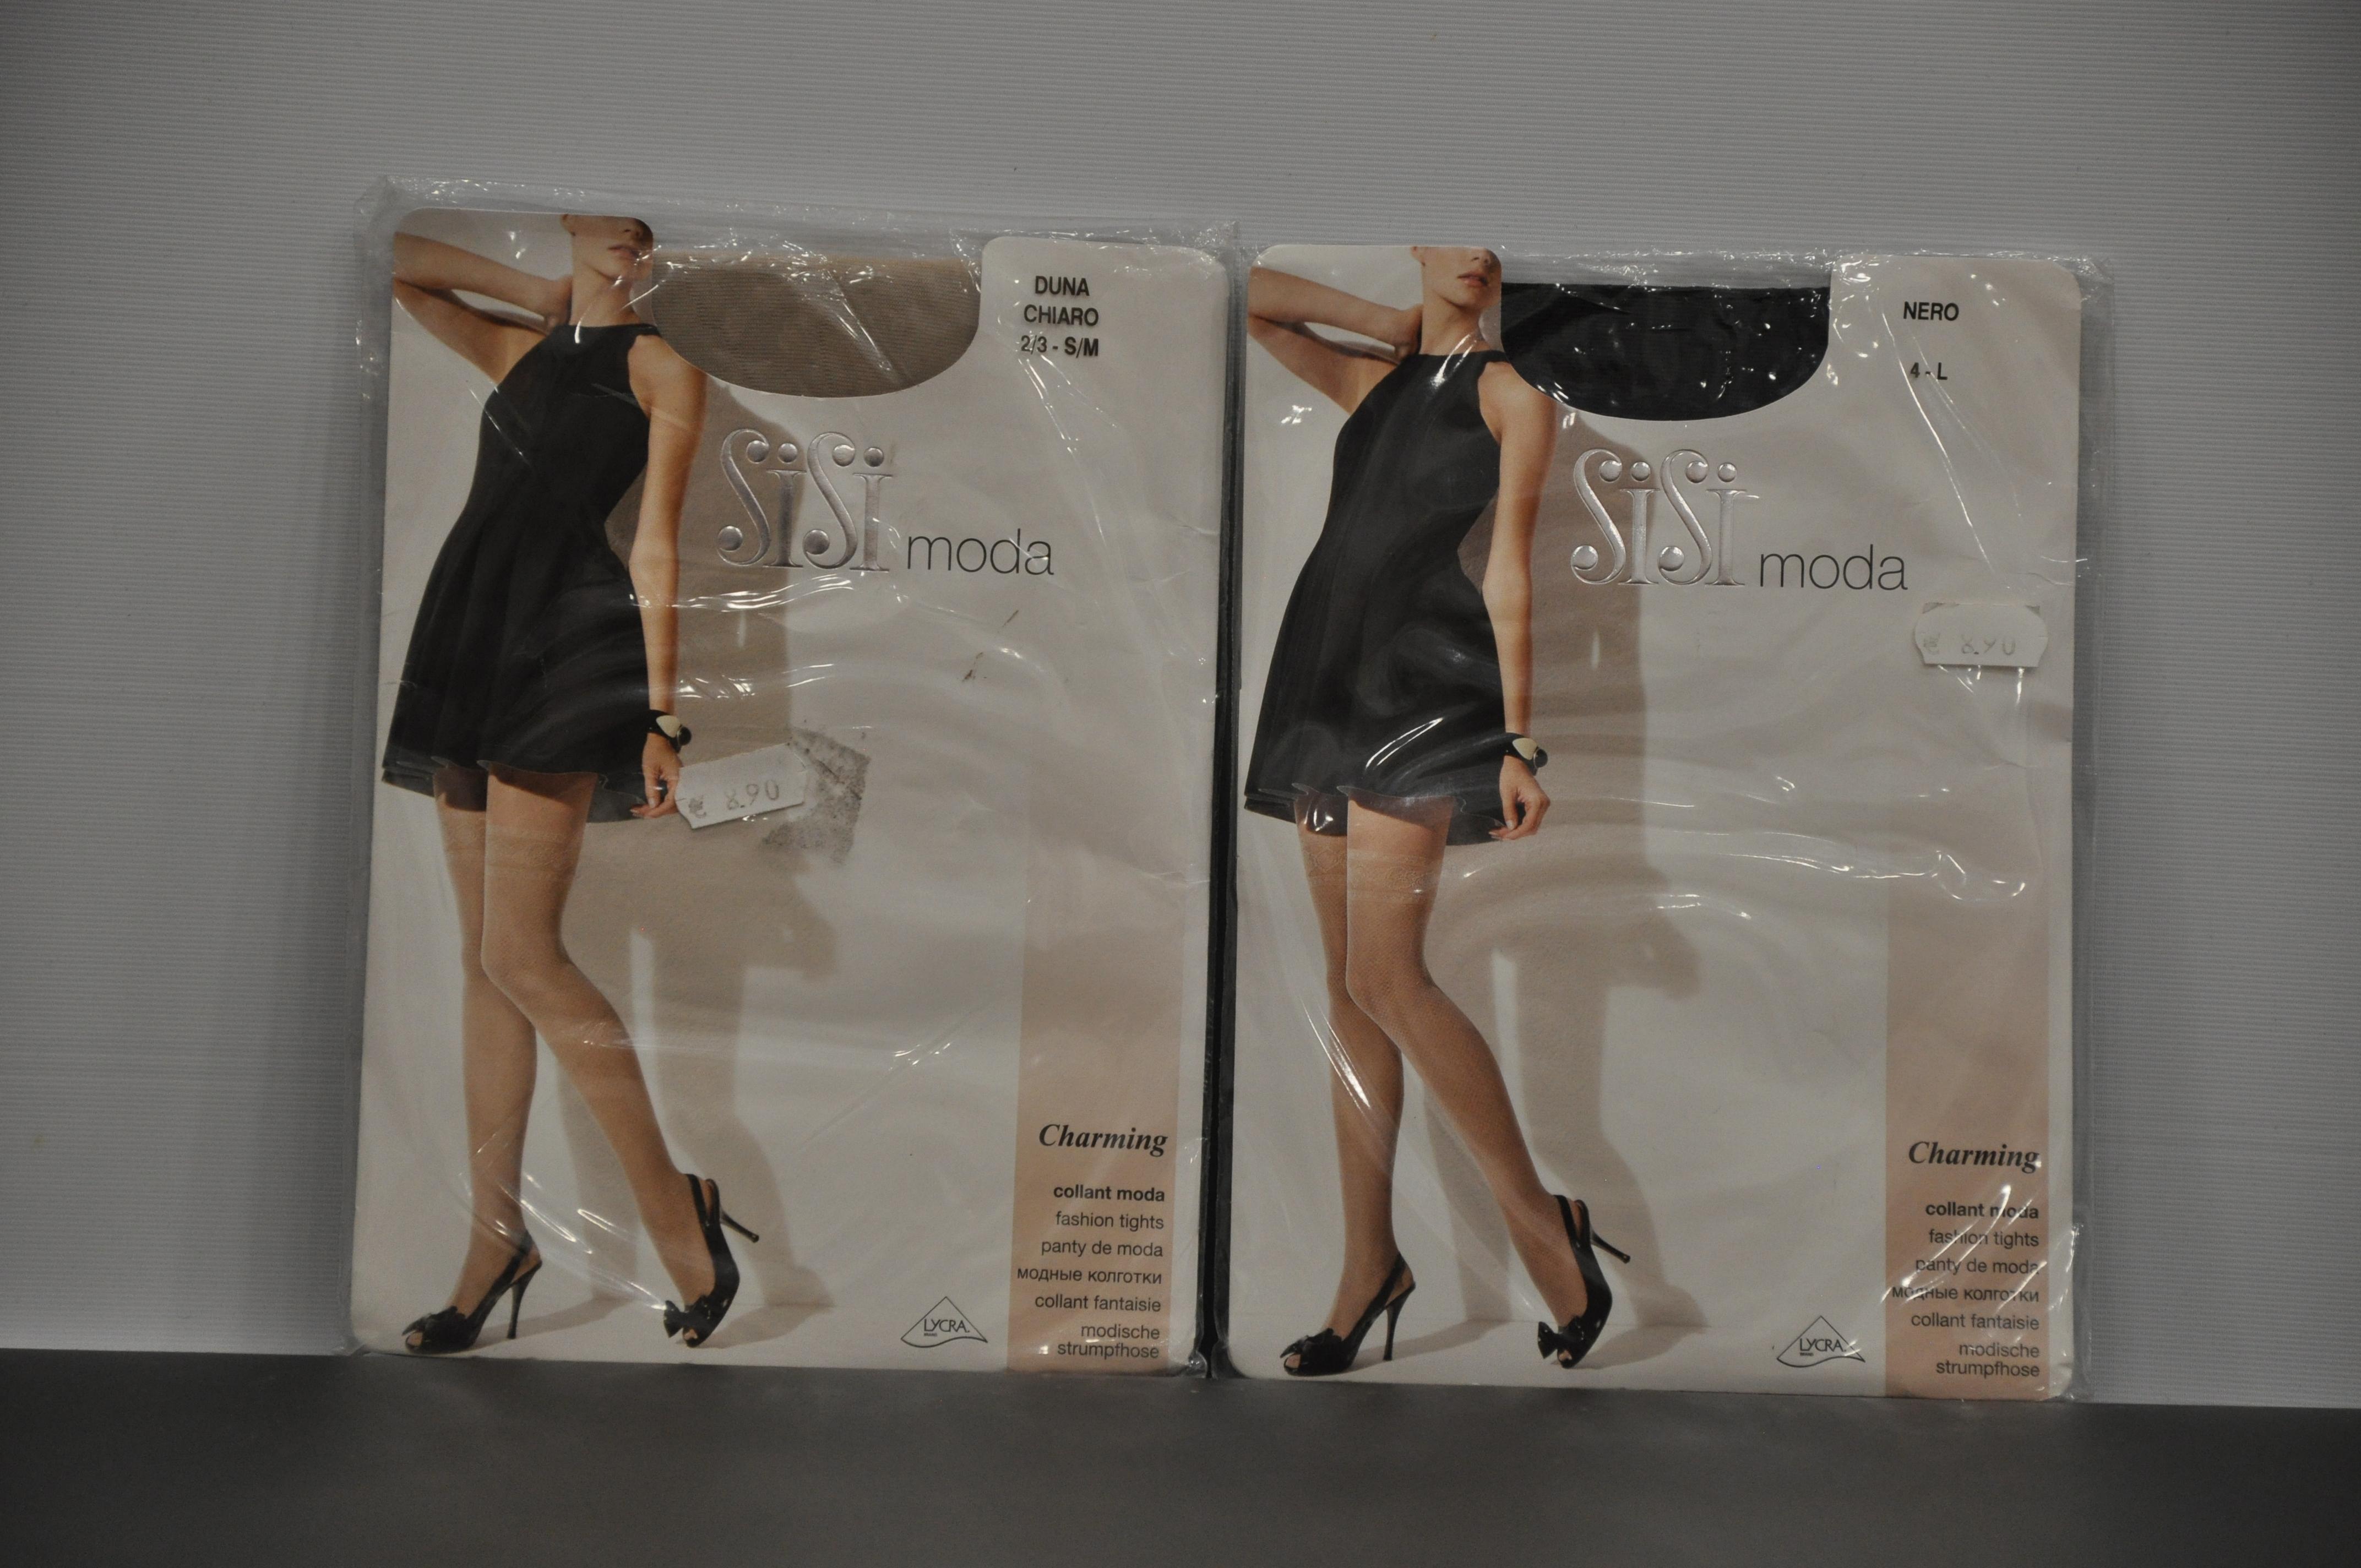 molti stili offrire sconti varietà di design Calze Sisi moda Charming